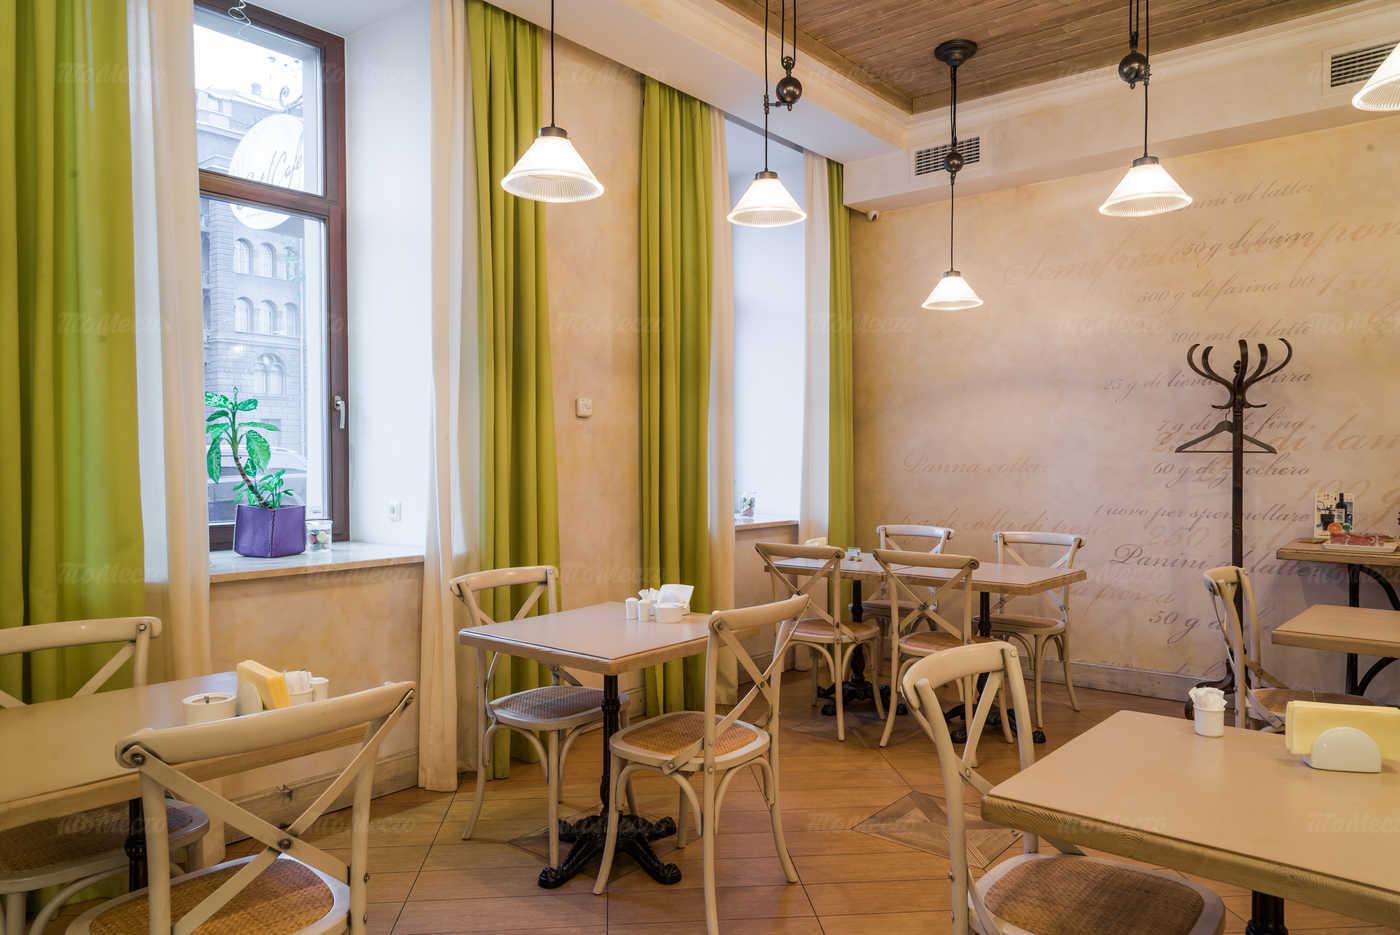 Меню кафе Est!Cafe в набережной Крюковой канале